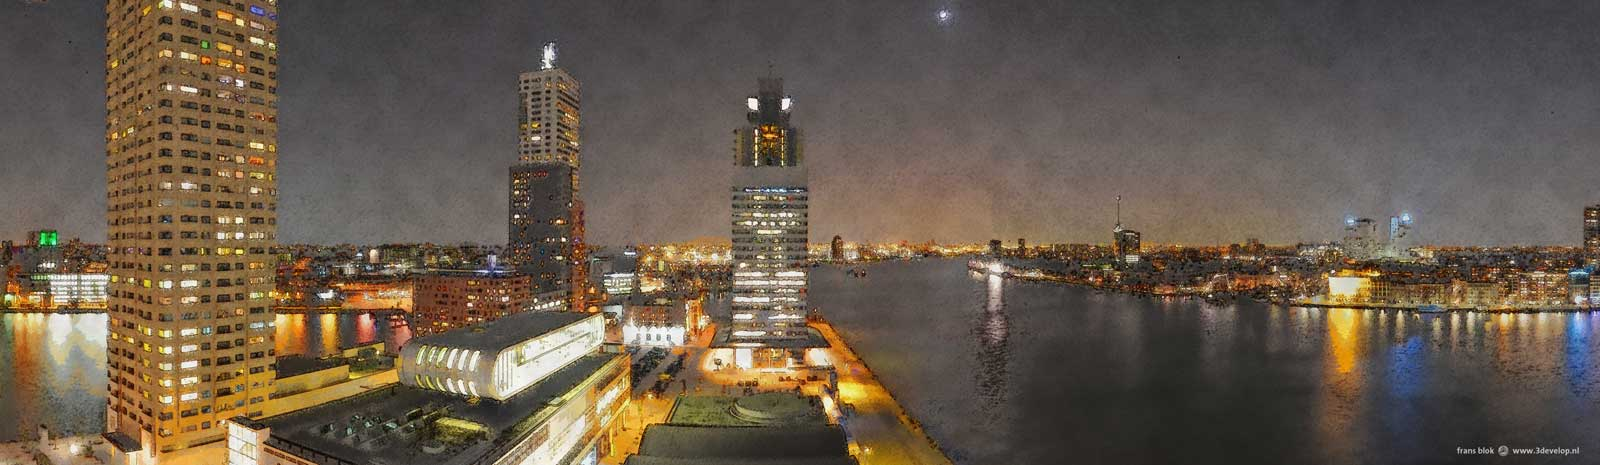 Verschilderde foto gemaakt op de veertiende verdieping van de Rotterdam met de Rijnhaven, Katendrecht, Wilhelminapier, Nieuwe Maas and Scheepvaartkwartier